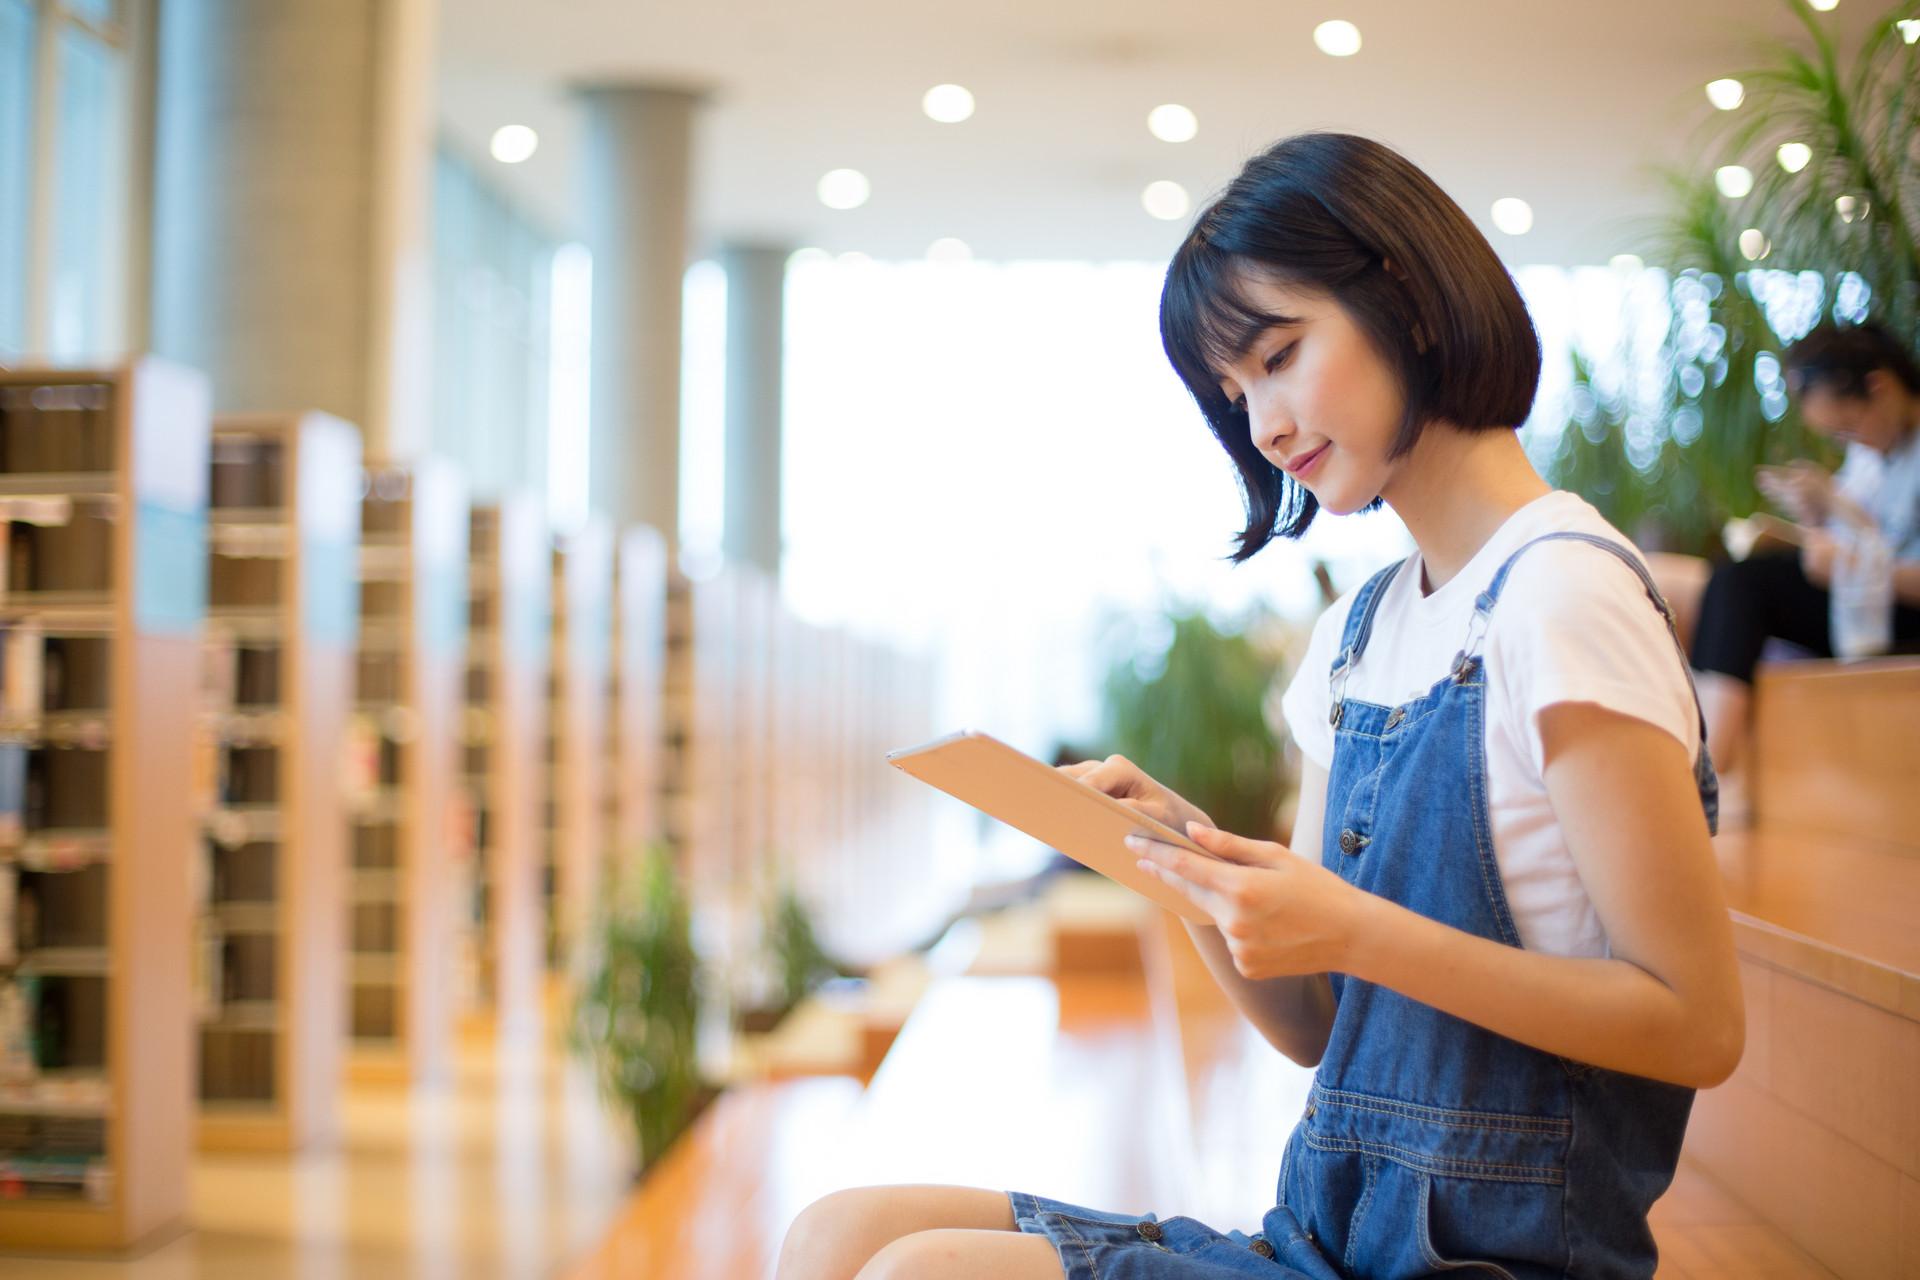 芜湖商务英语培训一般多少钱